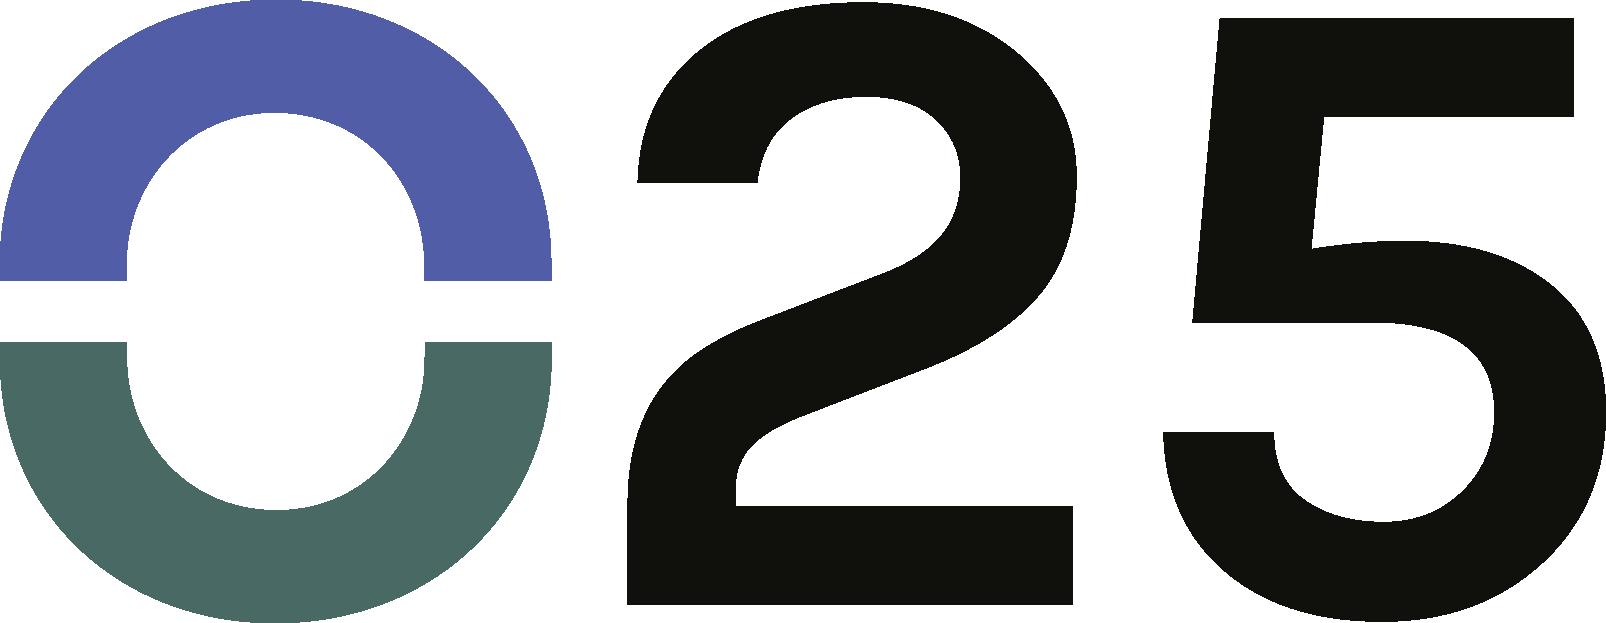 Cultuurregio 025 Logo